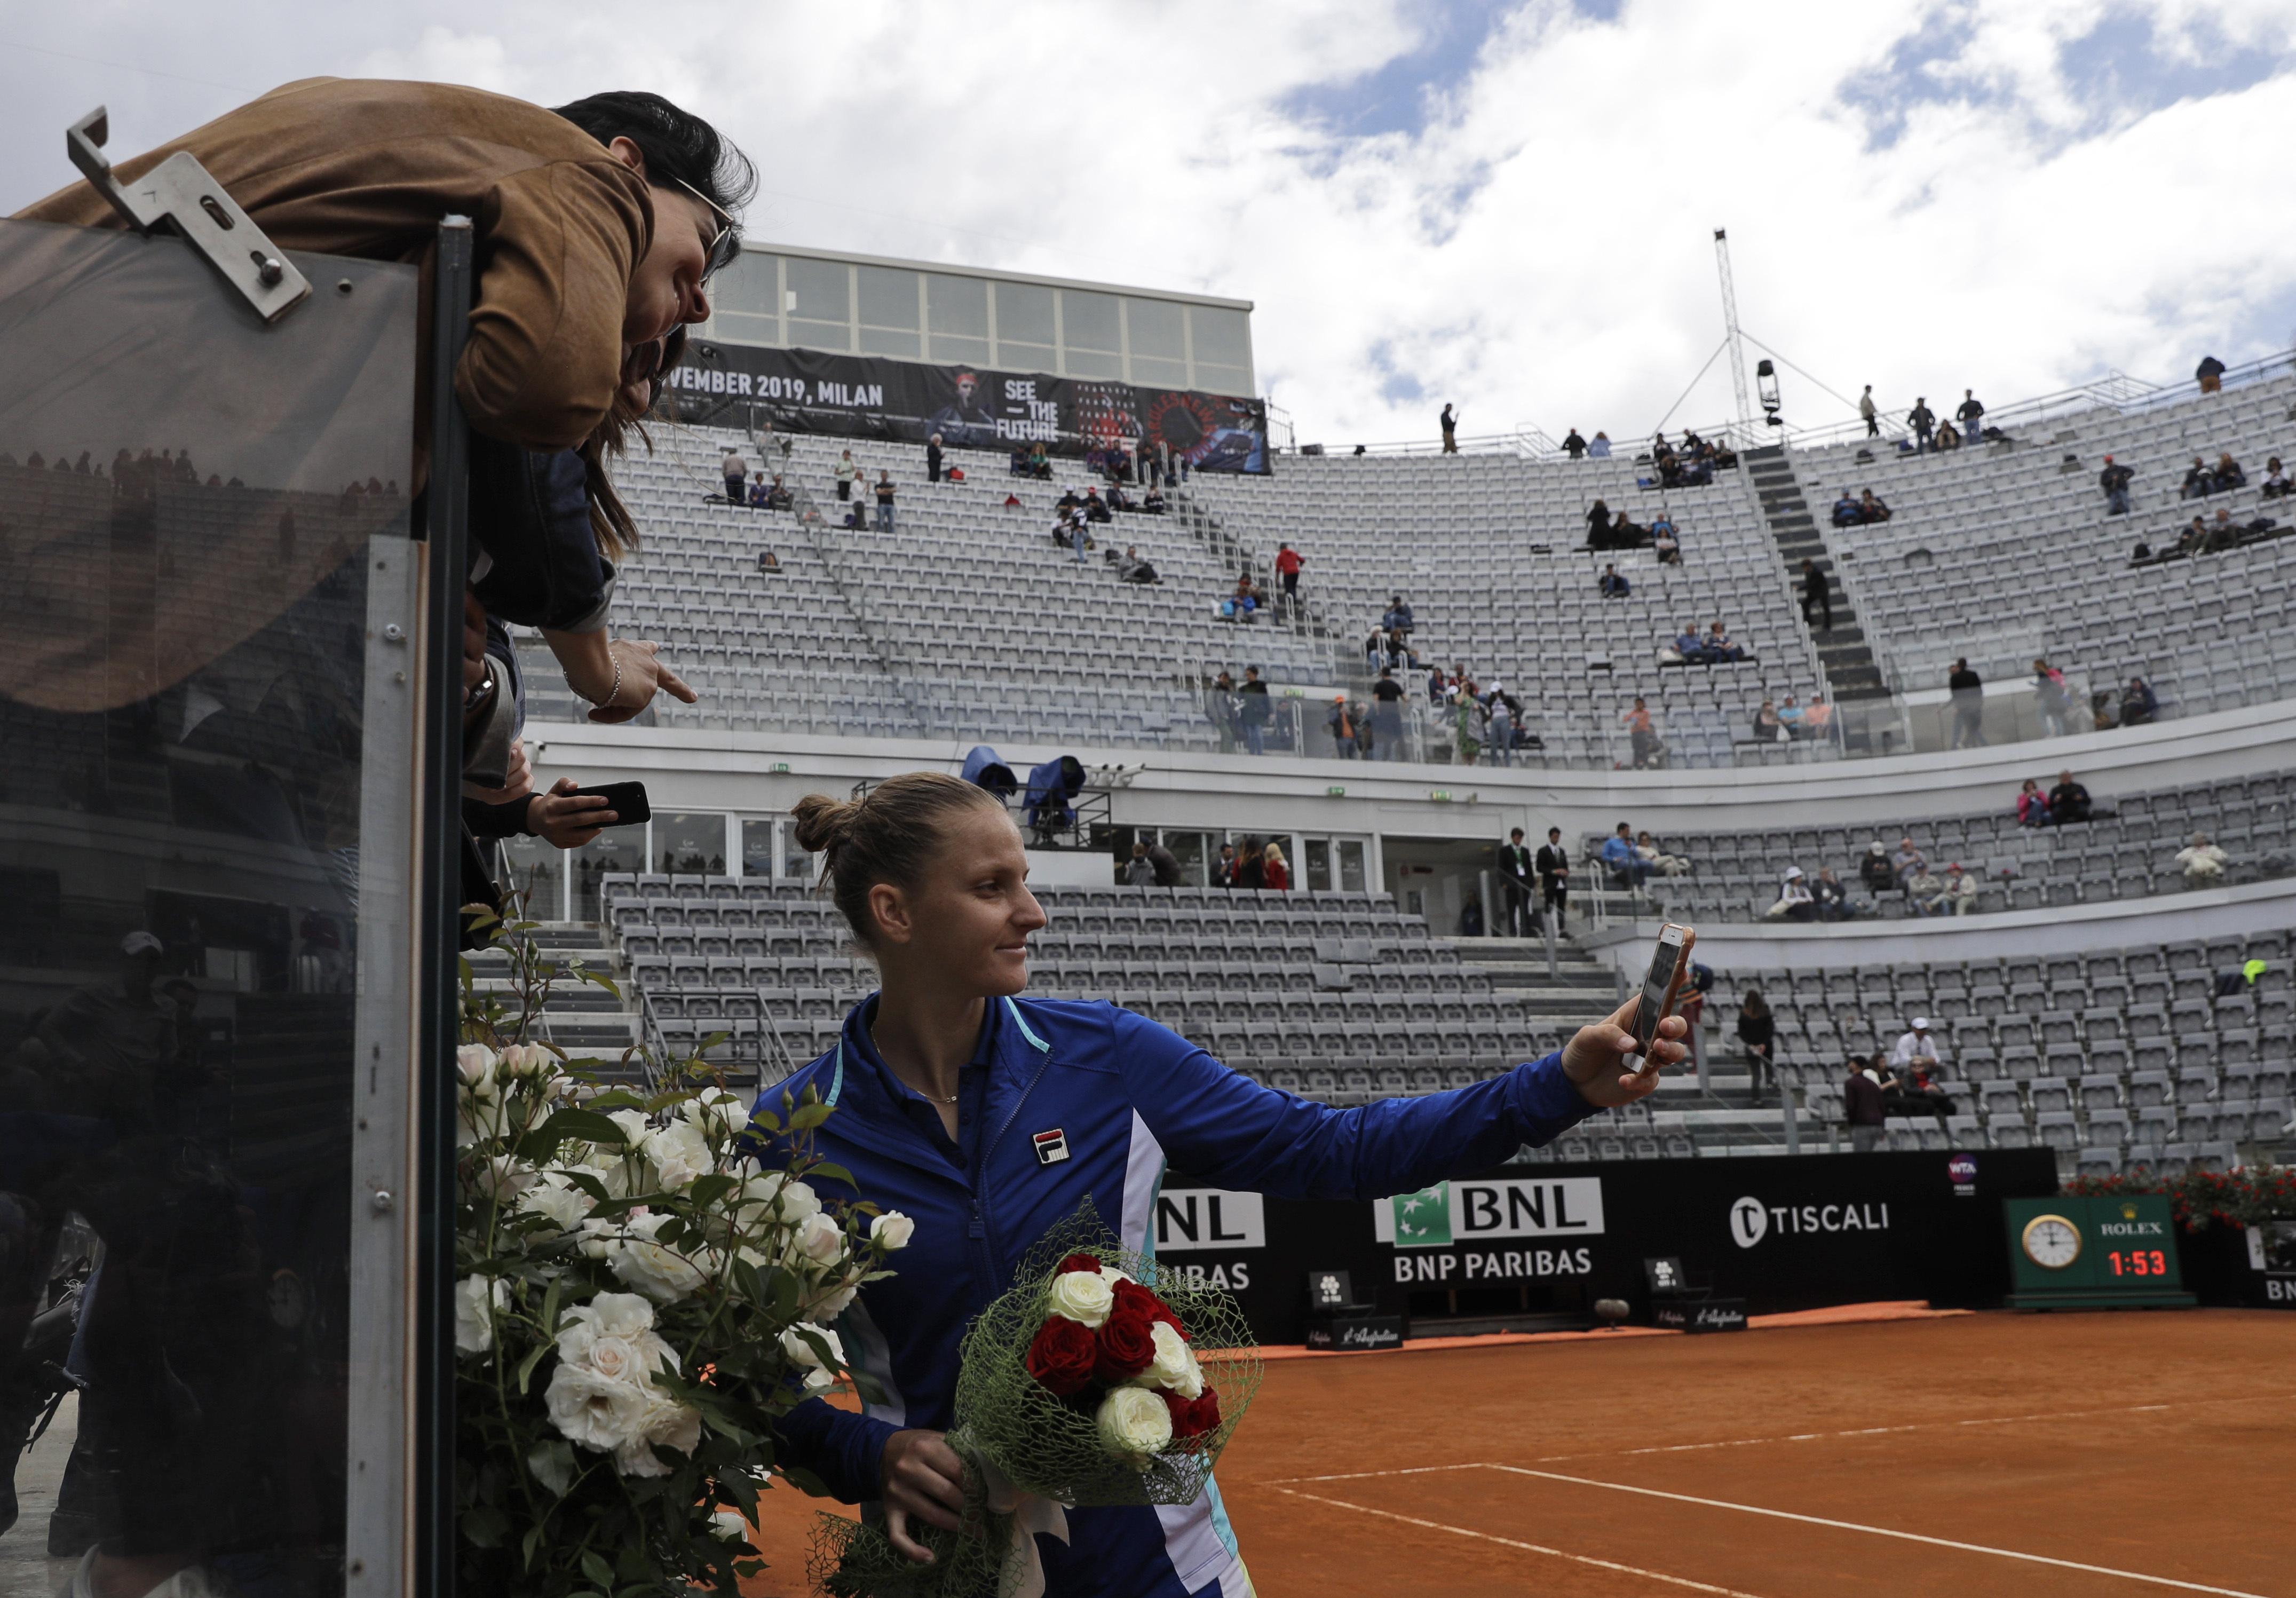 网球——意大利公开赛:卡·普利斯科娃夺得女单冠军